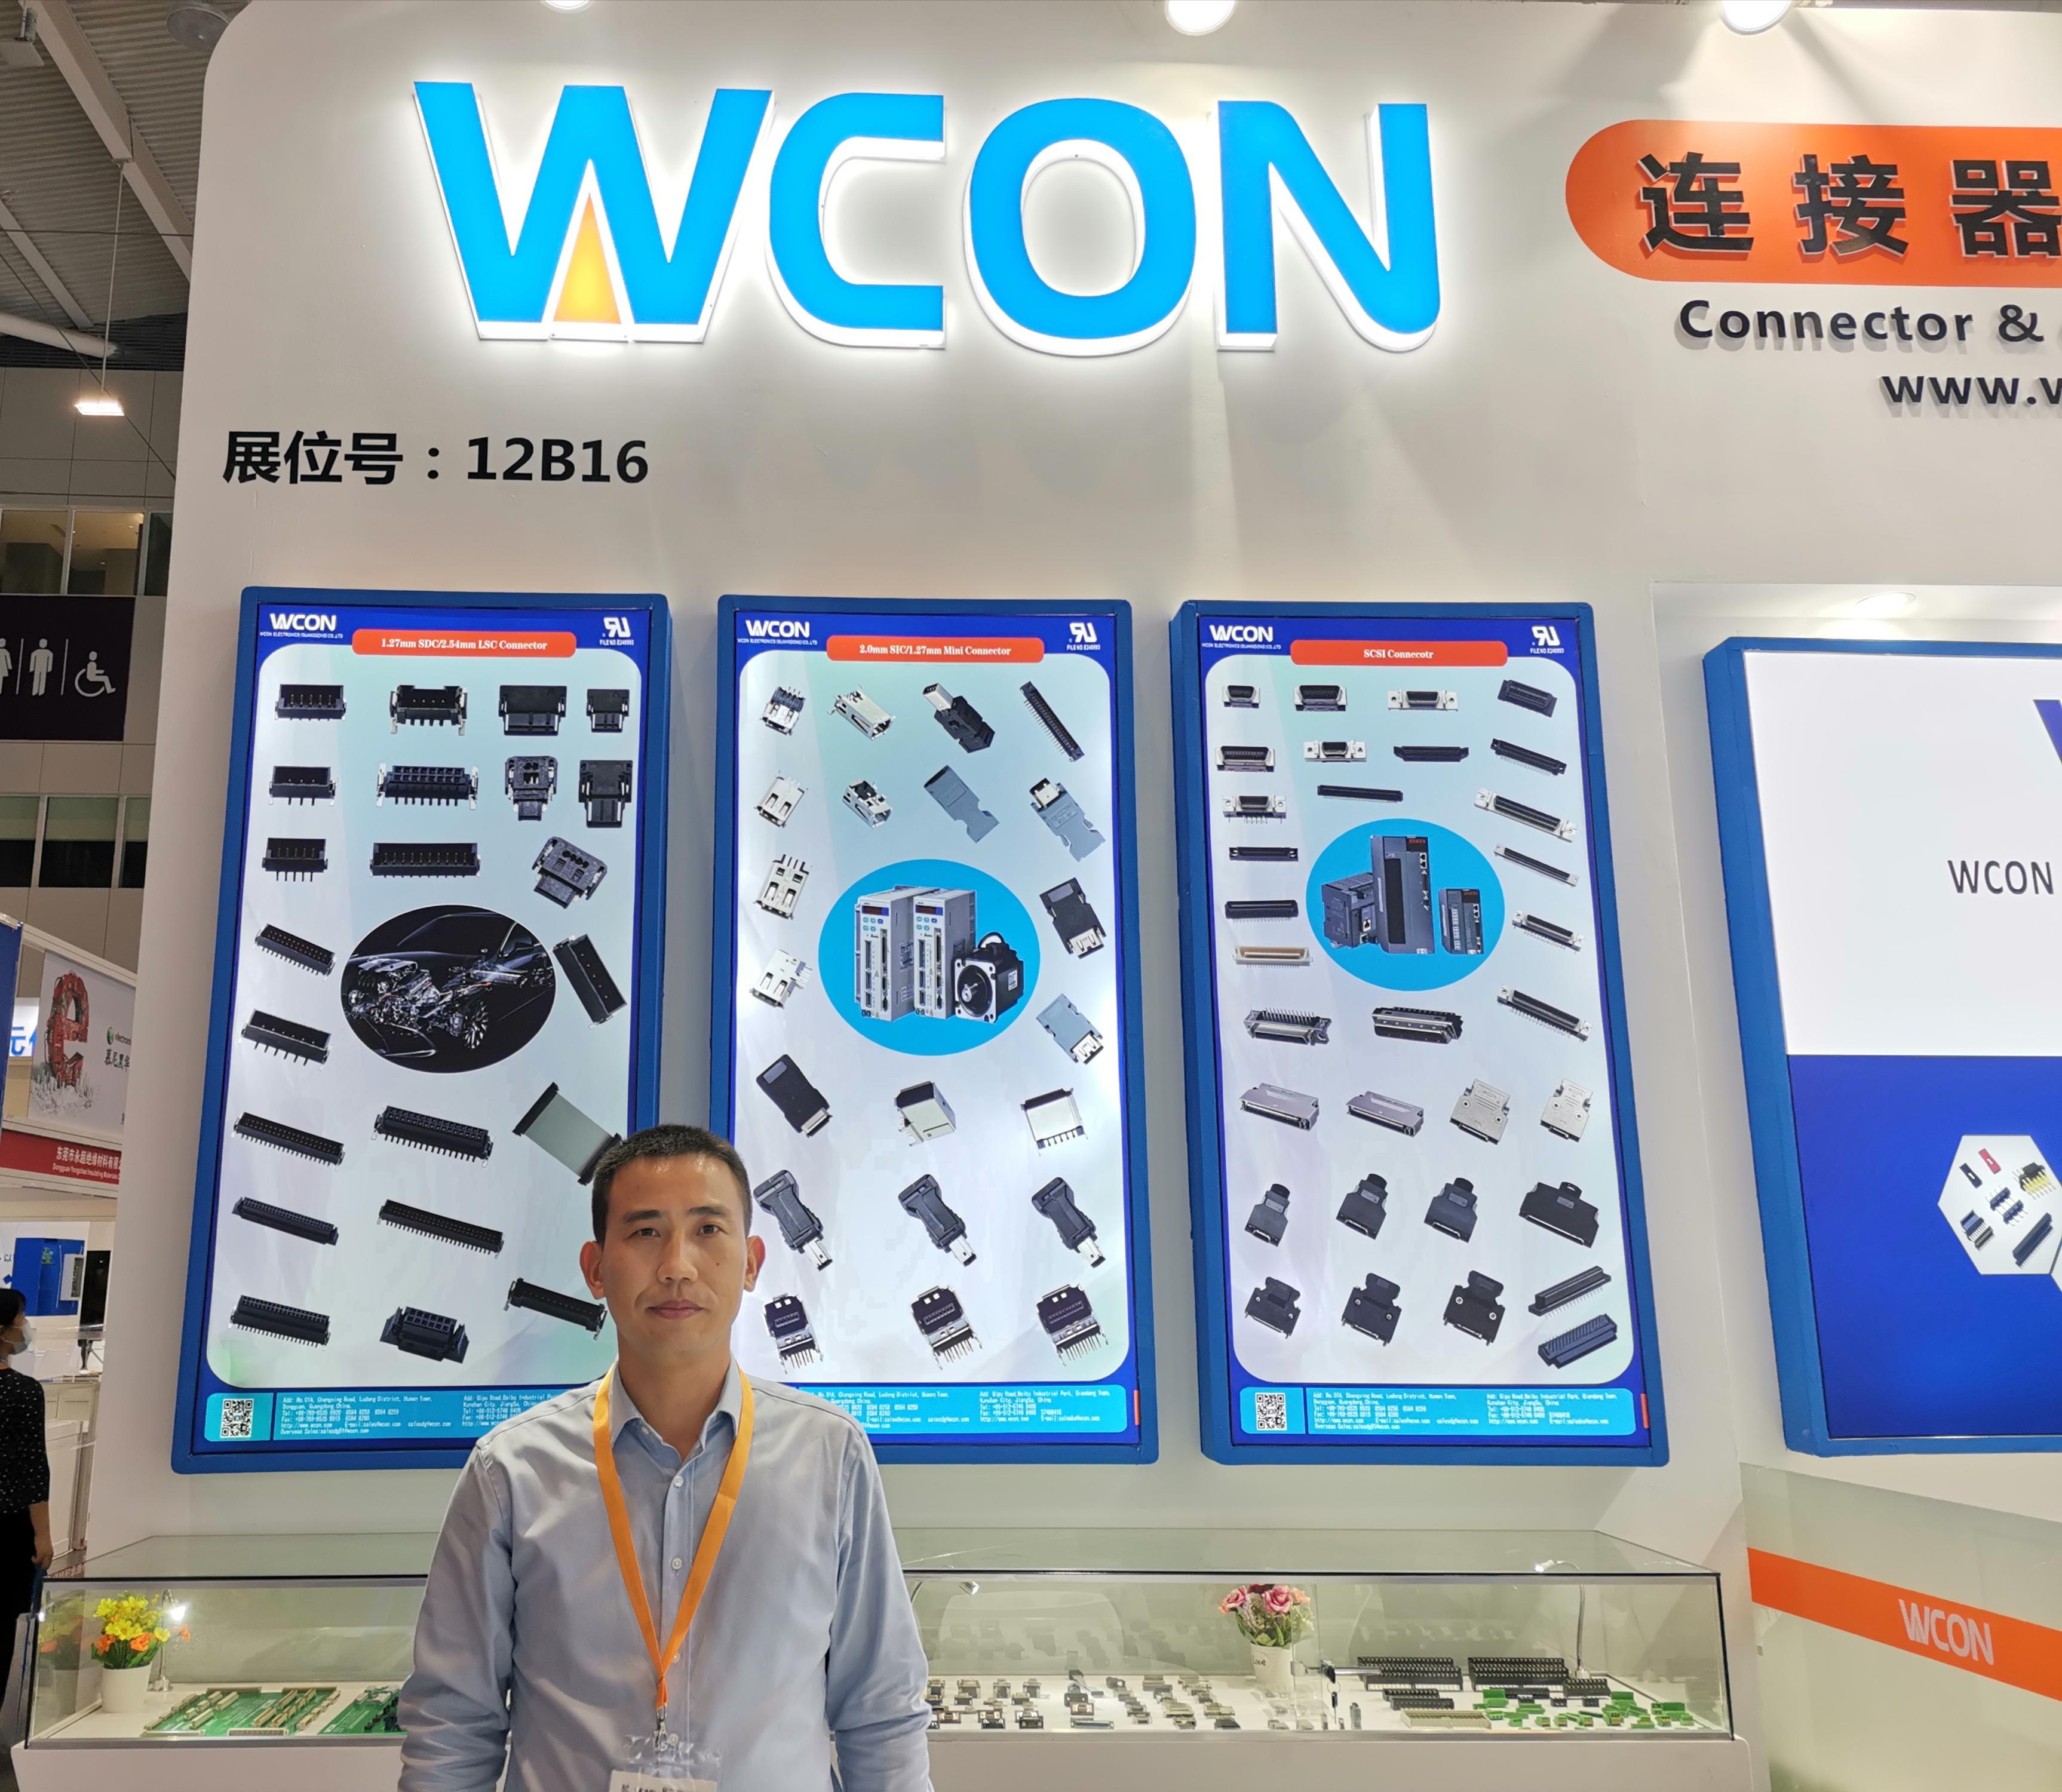 维峰电子:专业提供高端工业连接器解决方案